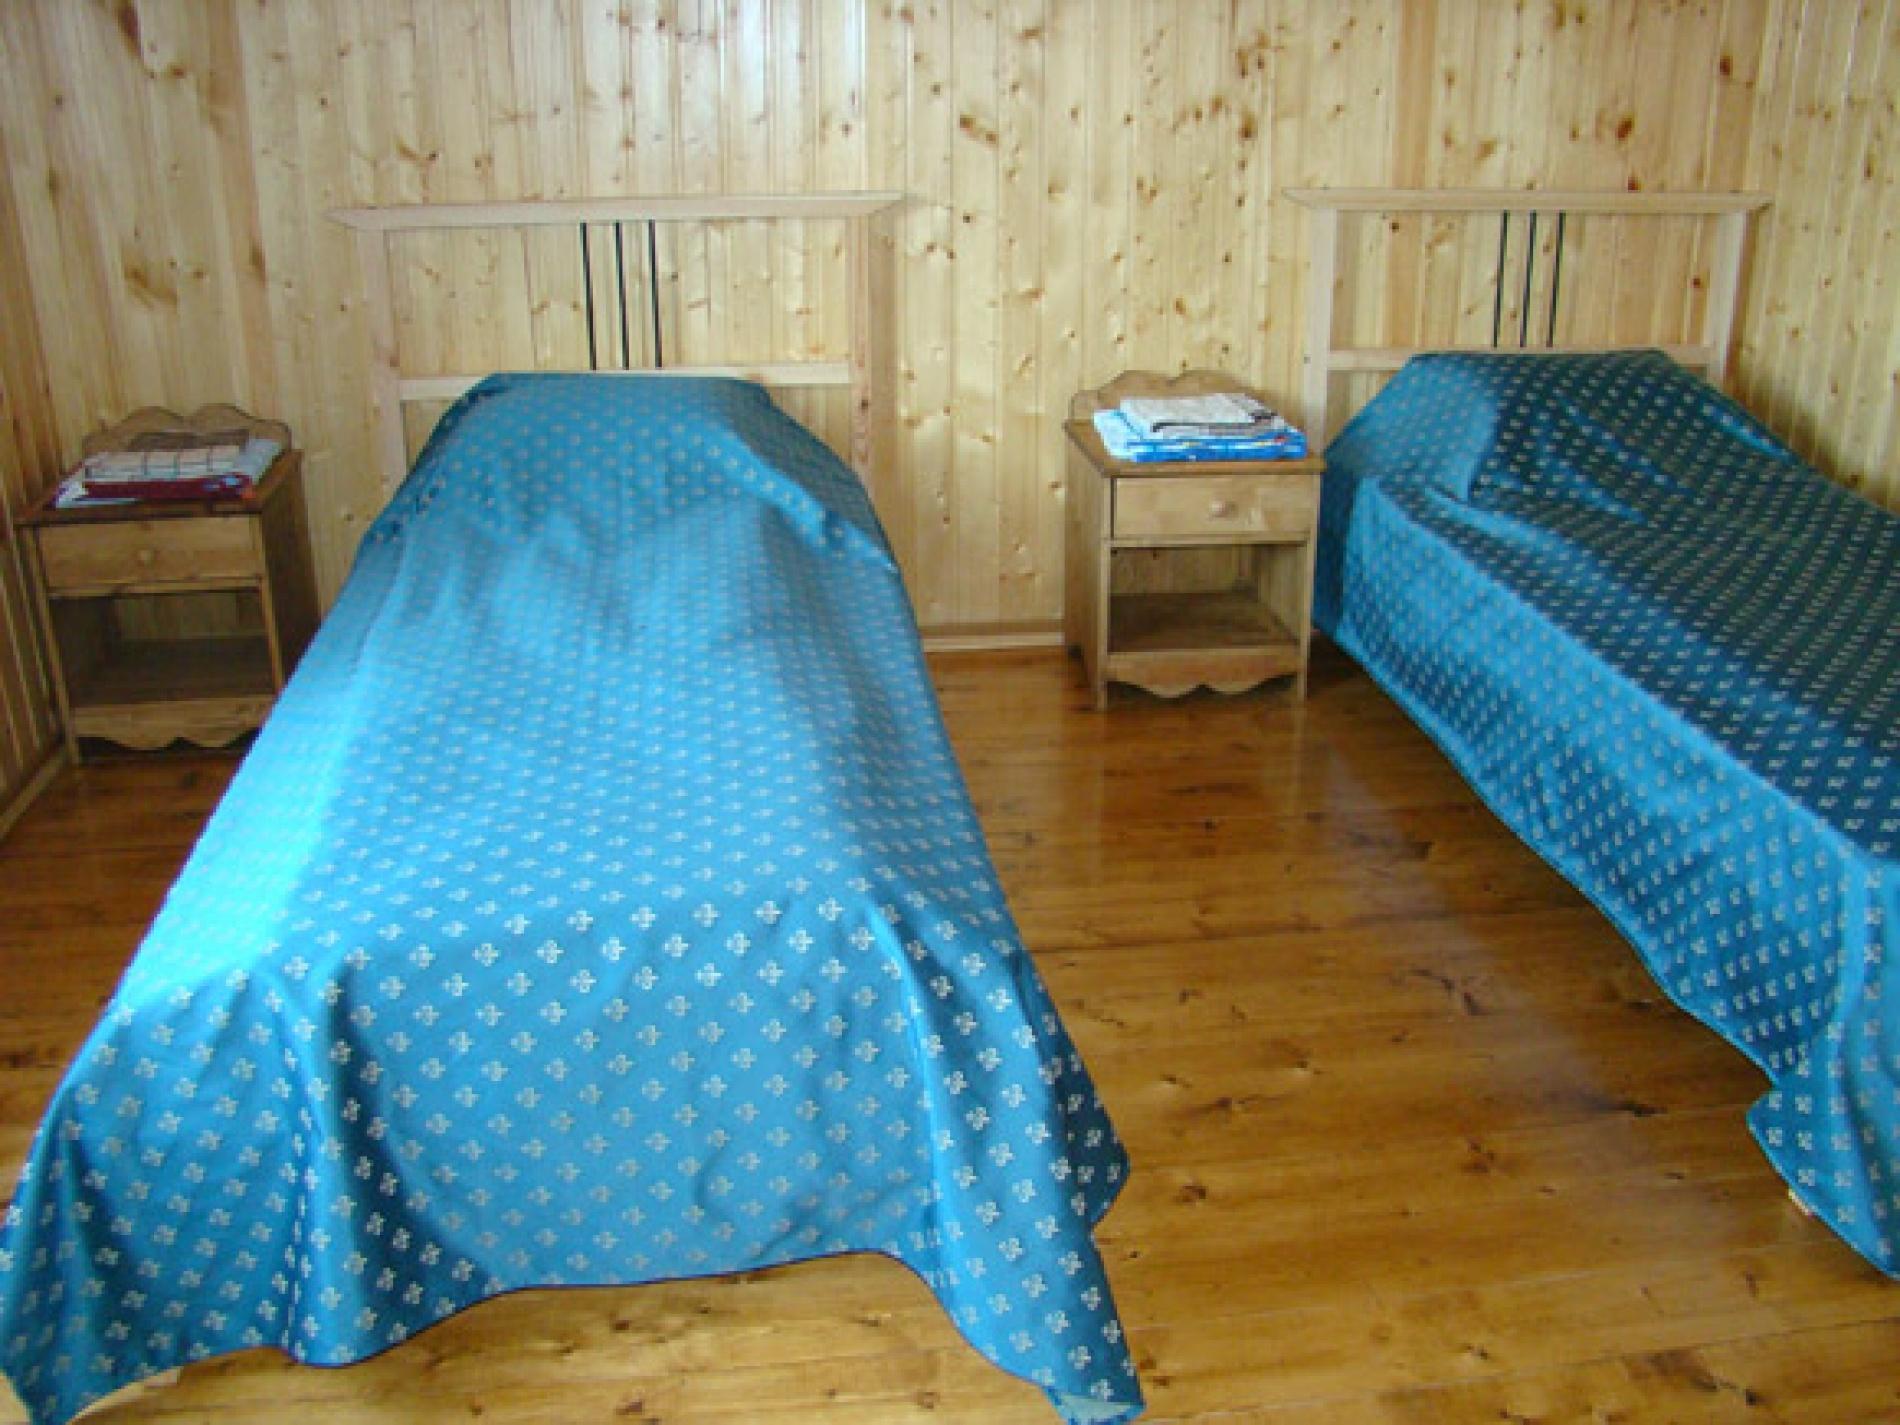 База отдыха «Барсучок» Тульская область 2-местный домик № 1б, 2б, 3б, 4б, фото 2